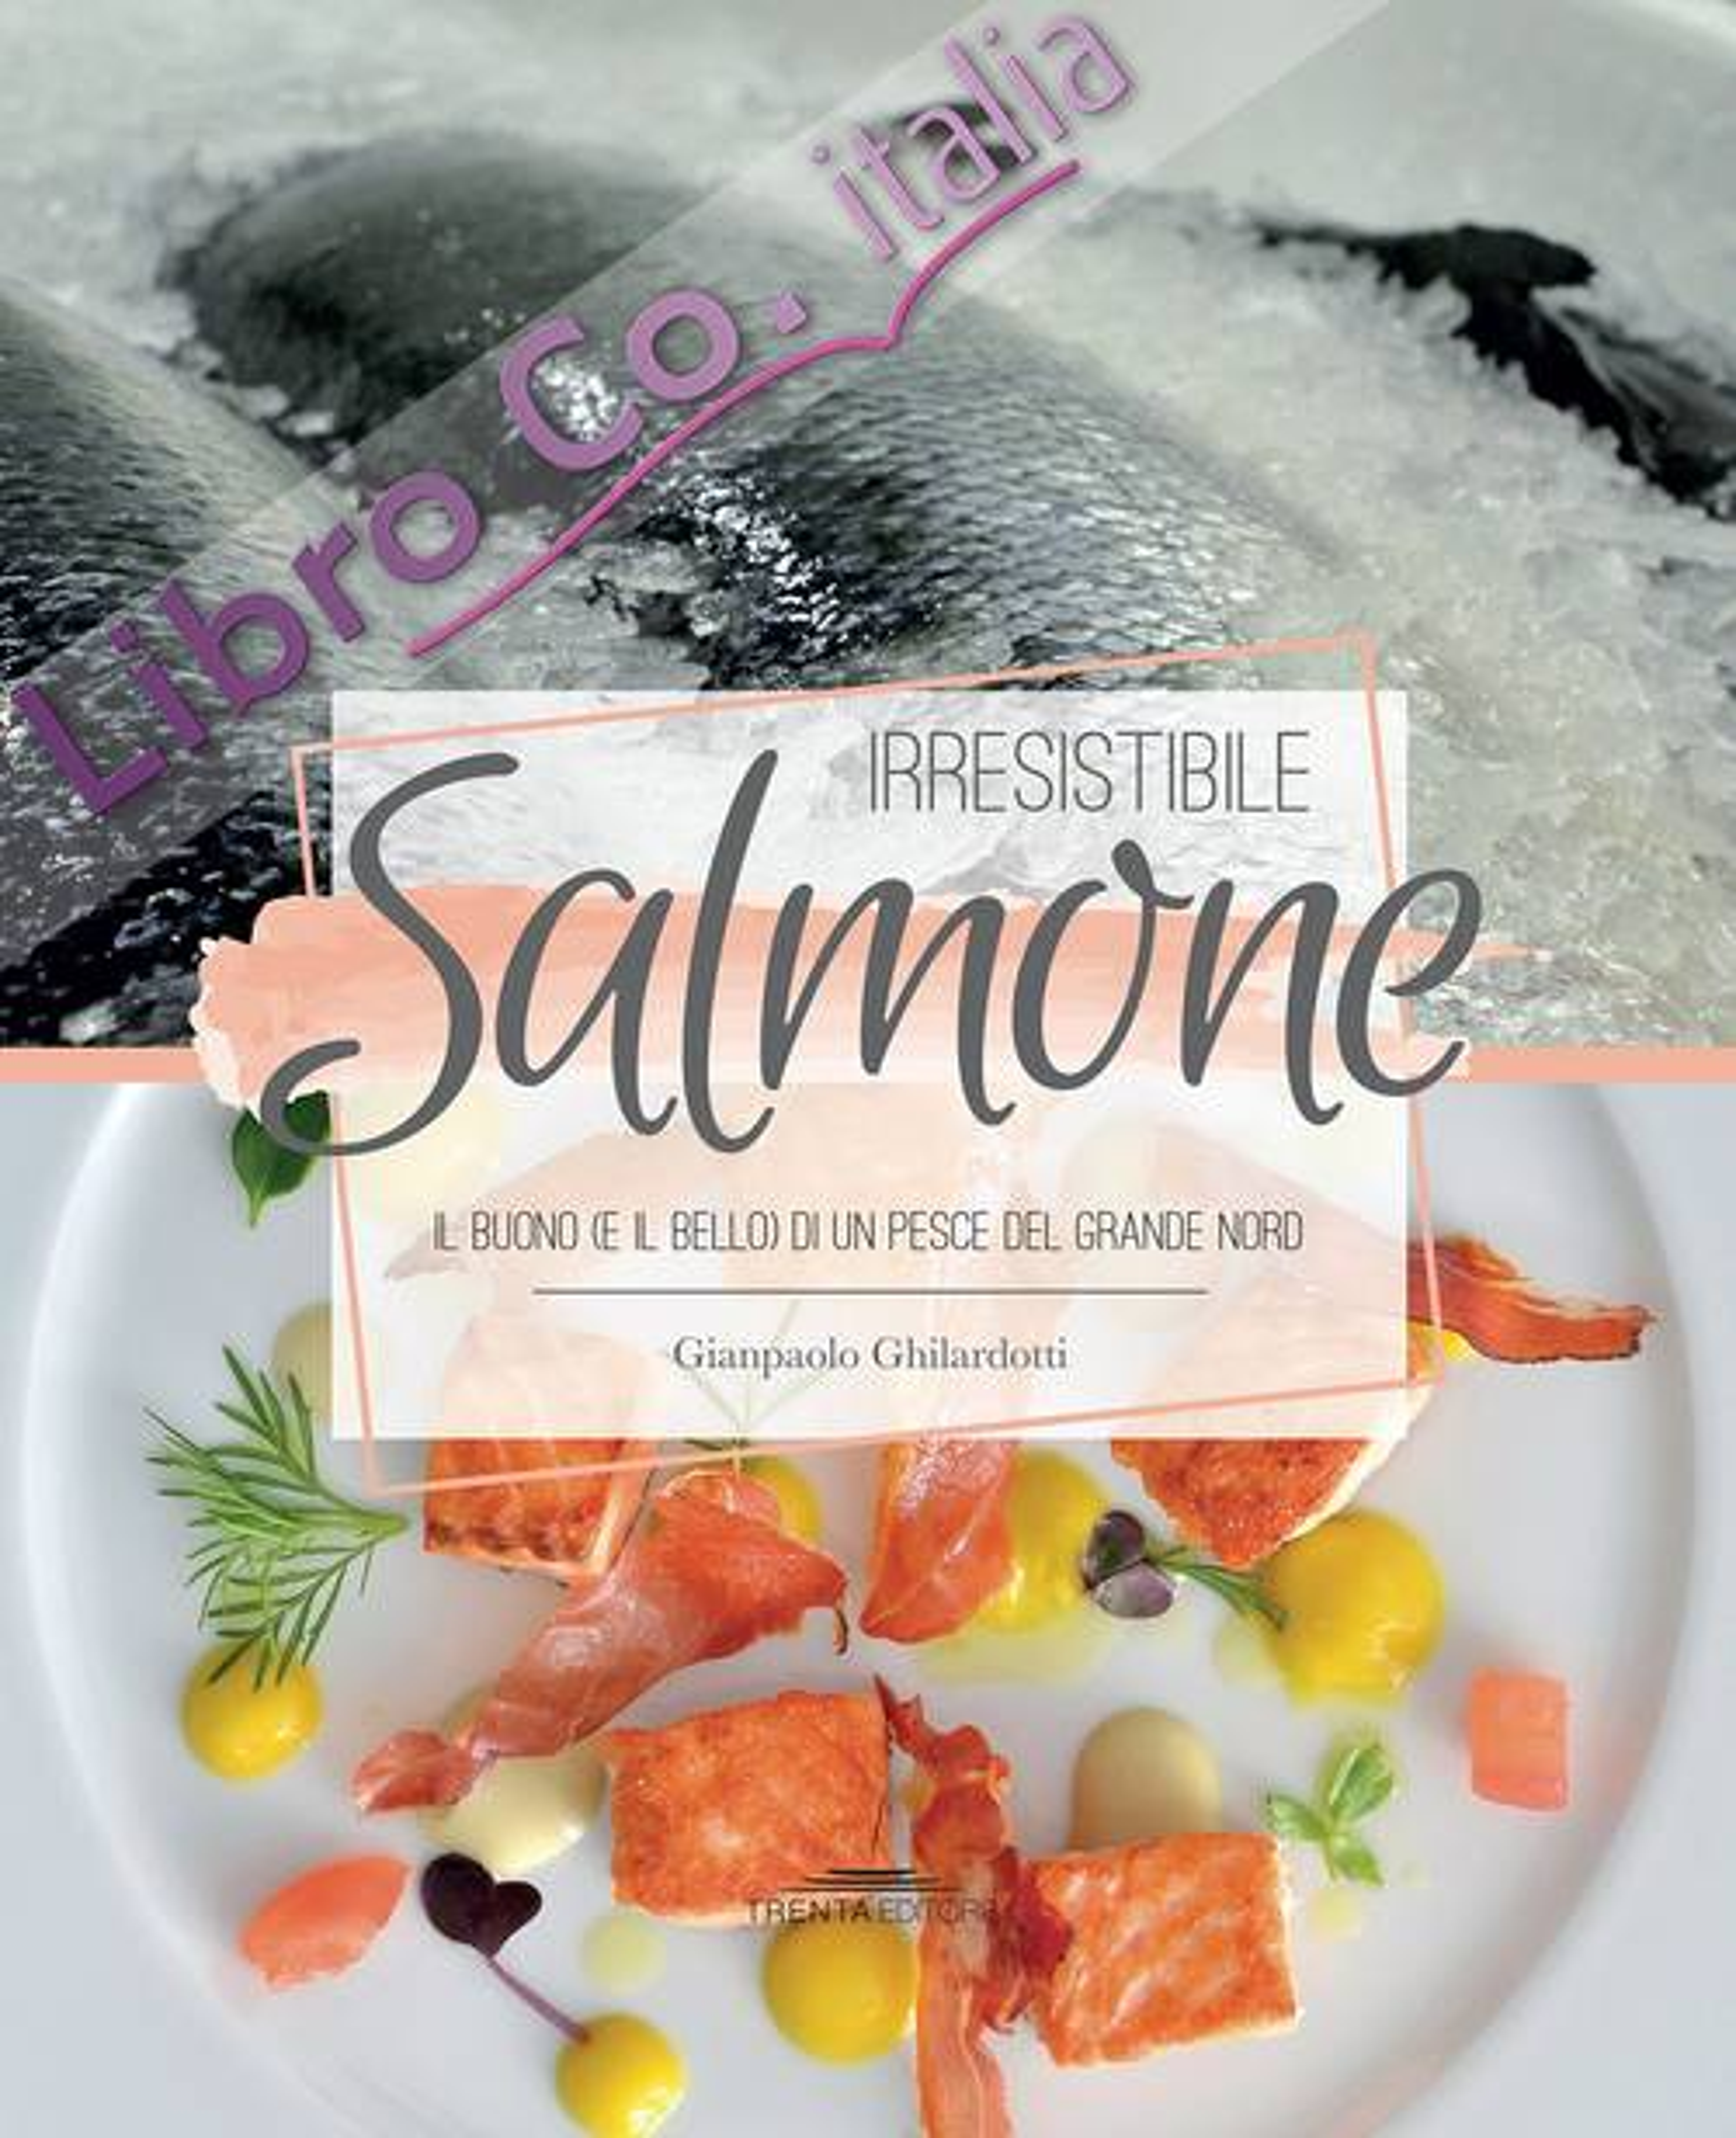 Irresistibile salmone. Il buono (e il bello) di un pesce del grande Nord